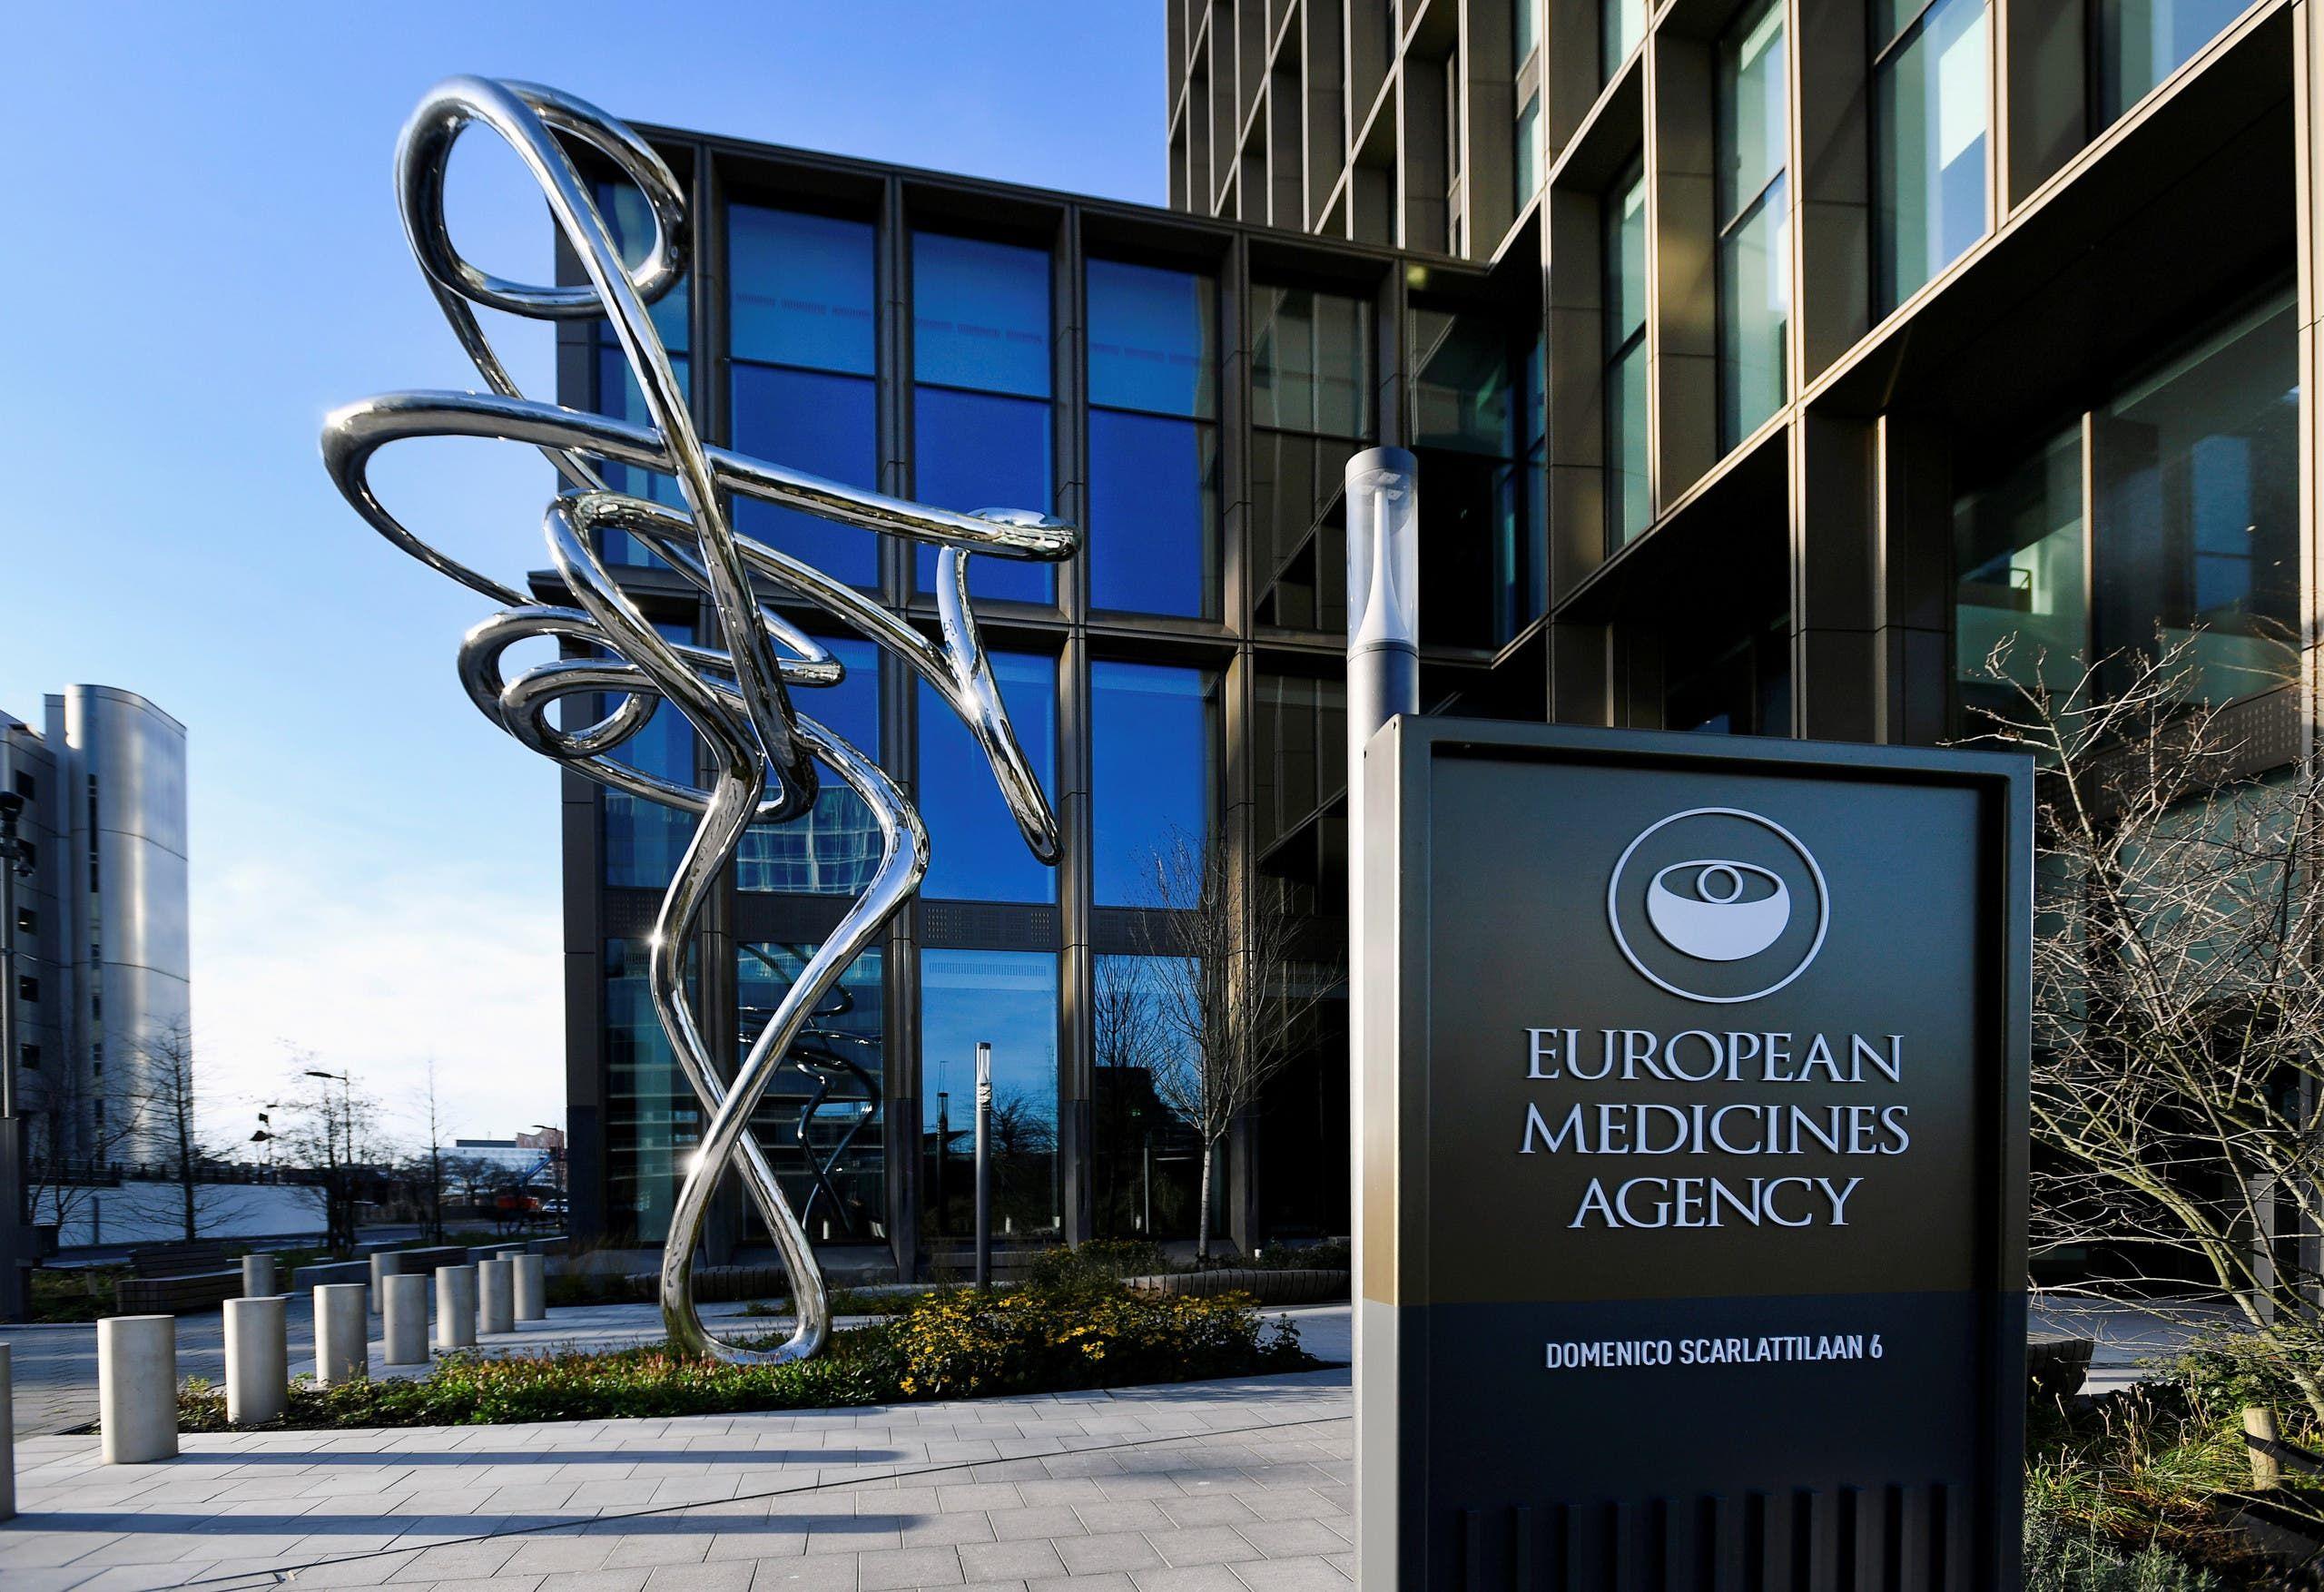 مقر الوكالة الأوروبية للأدوية في امستردام